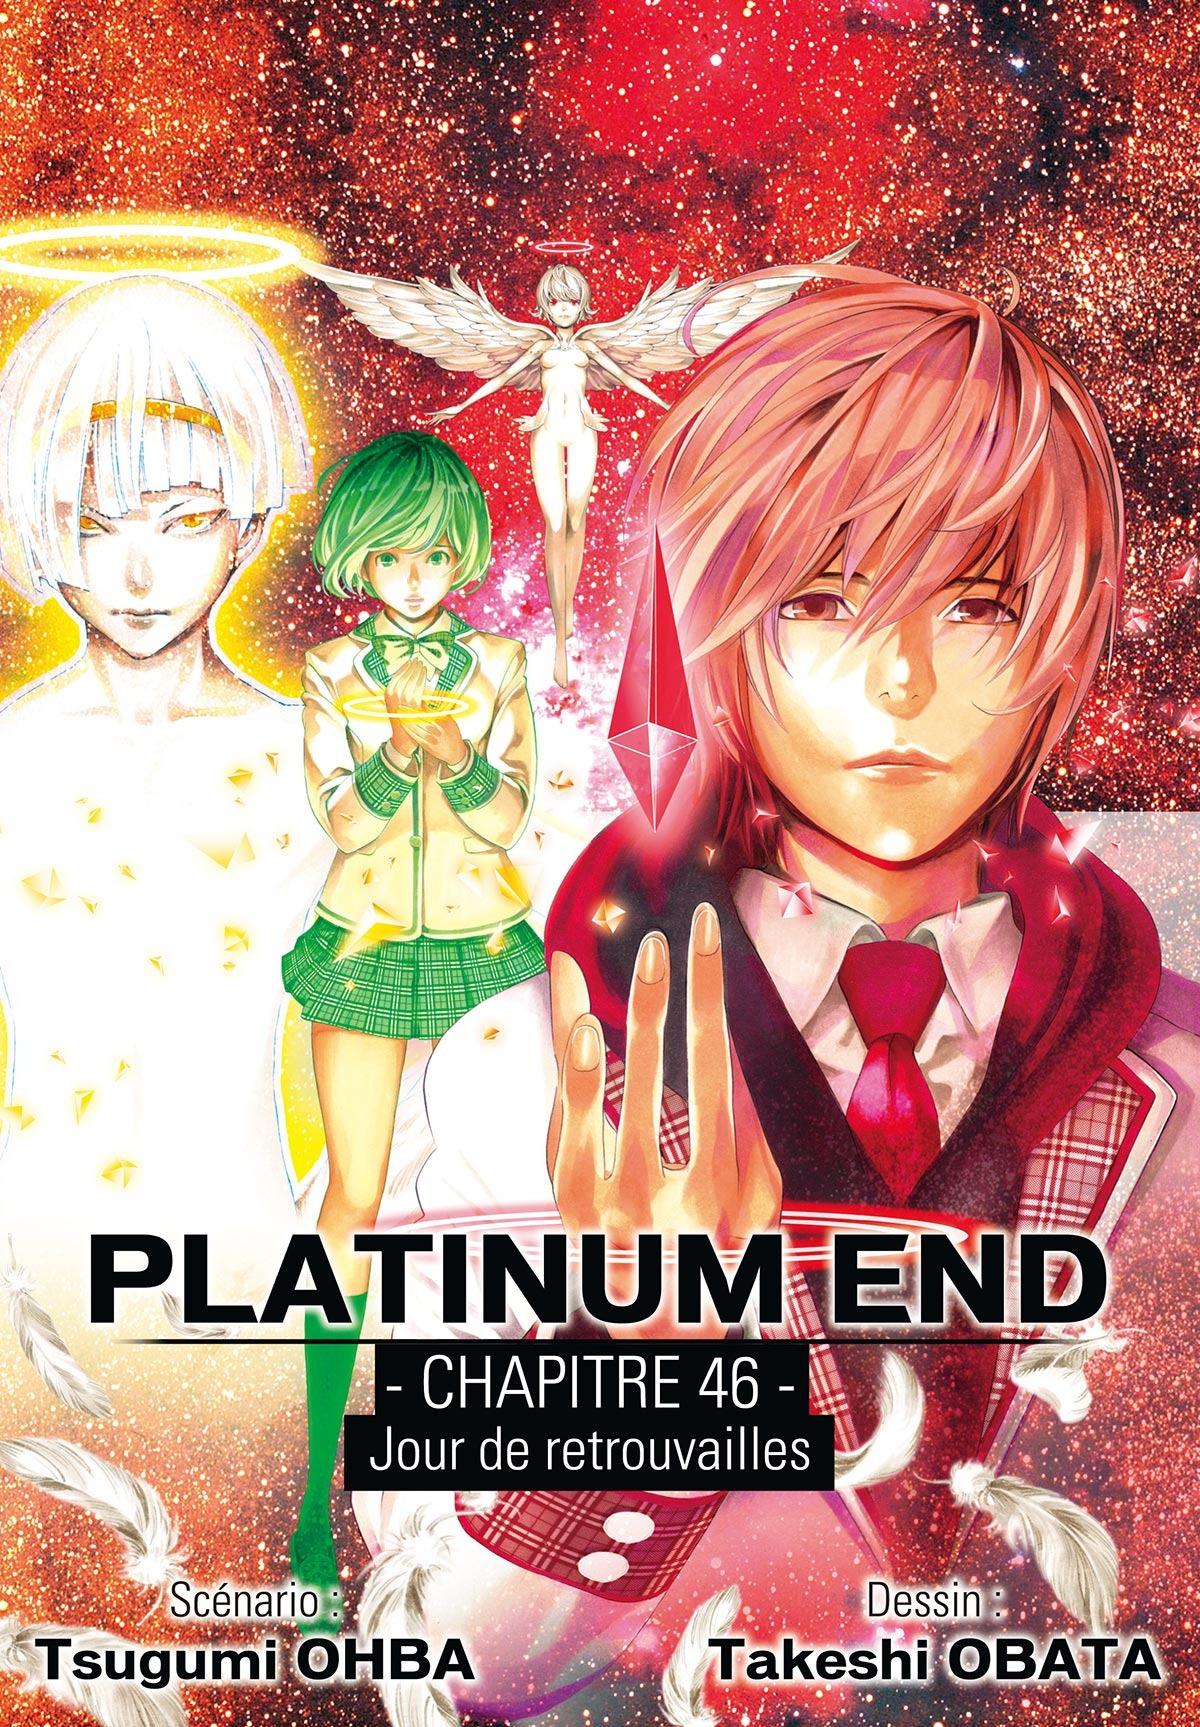 https://nine.mangadogs.com/fr_manga/pic2/15/1103/424989/PlatinumEND46VF_0_982.jpg Page 1